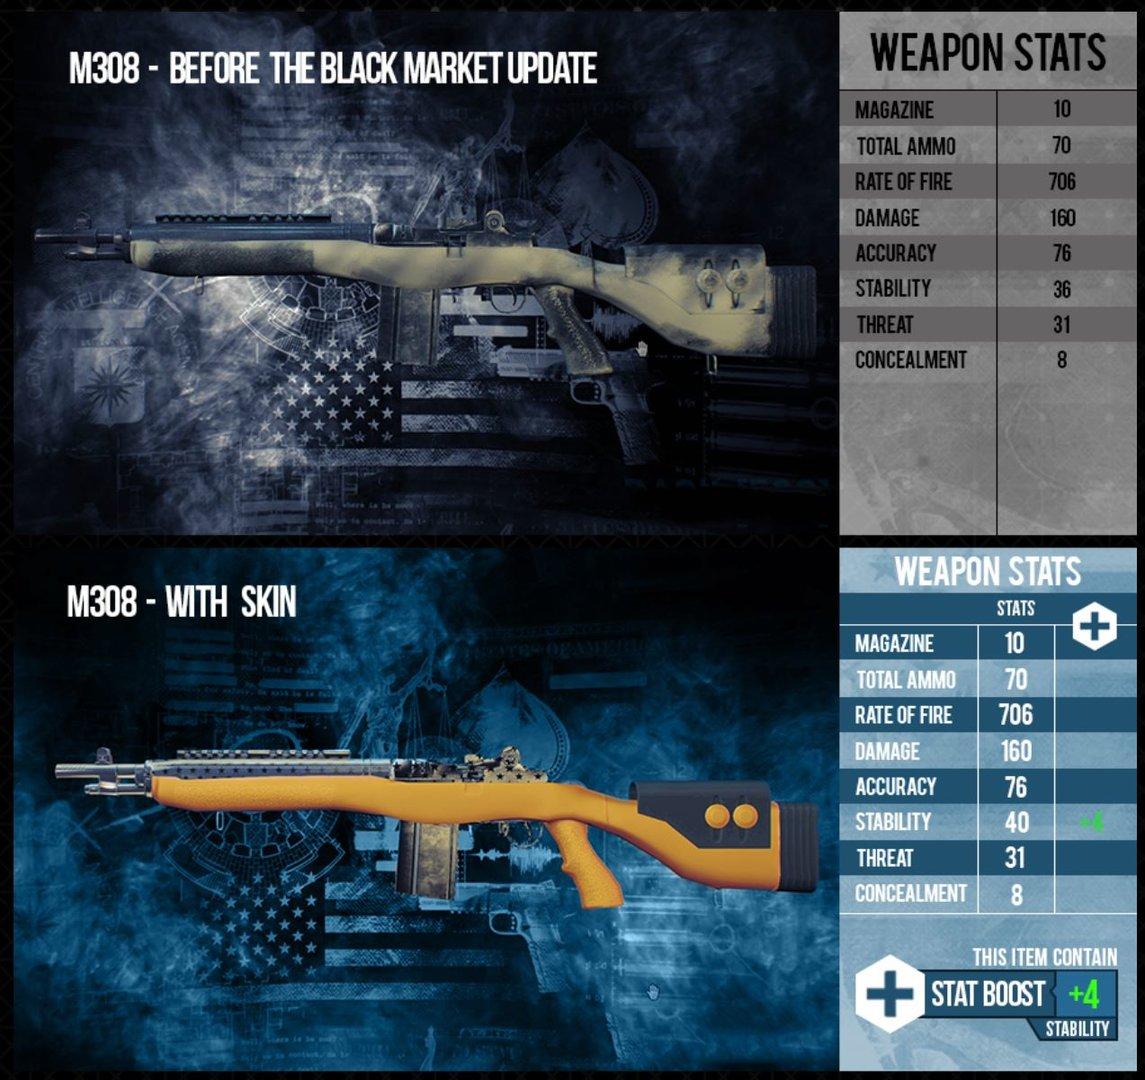 Das größte Ärgernis für Spieler: Skins können die Leistung von Waffen beeinflussen